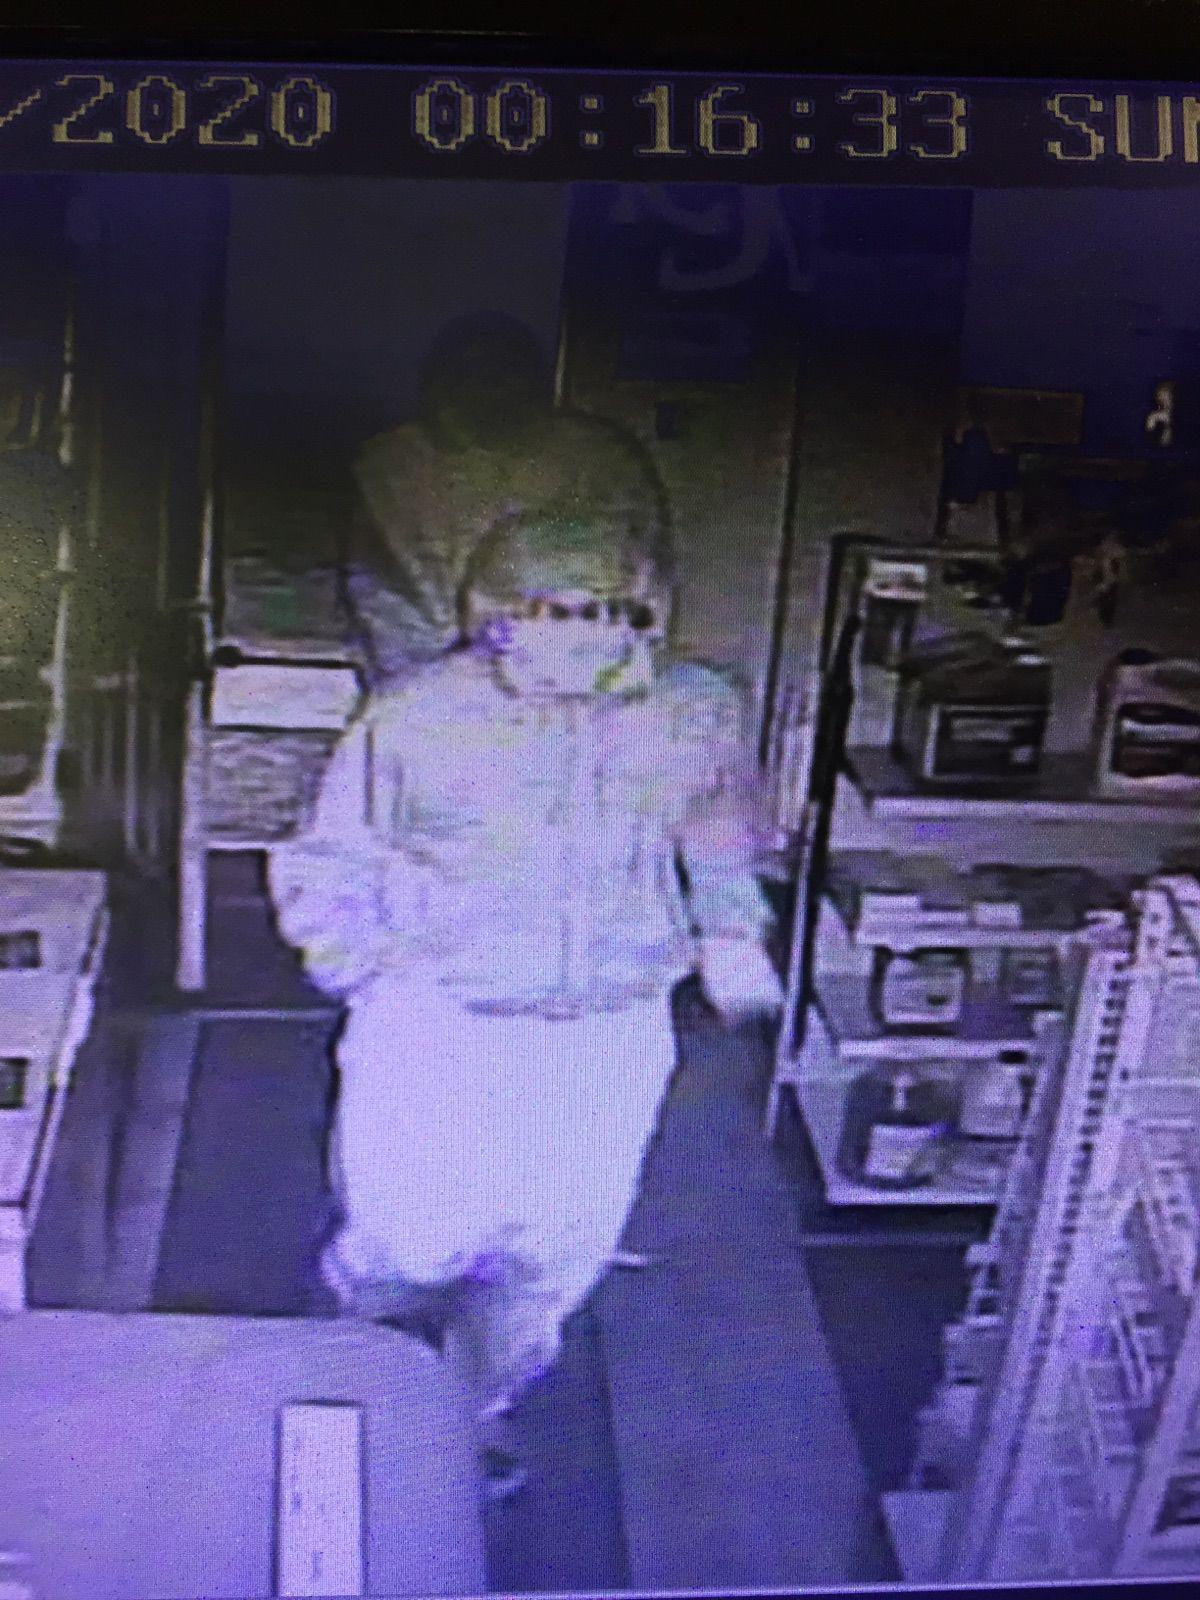 Burglary pic 2